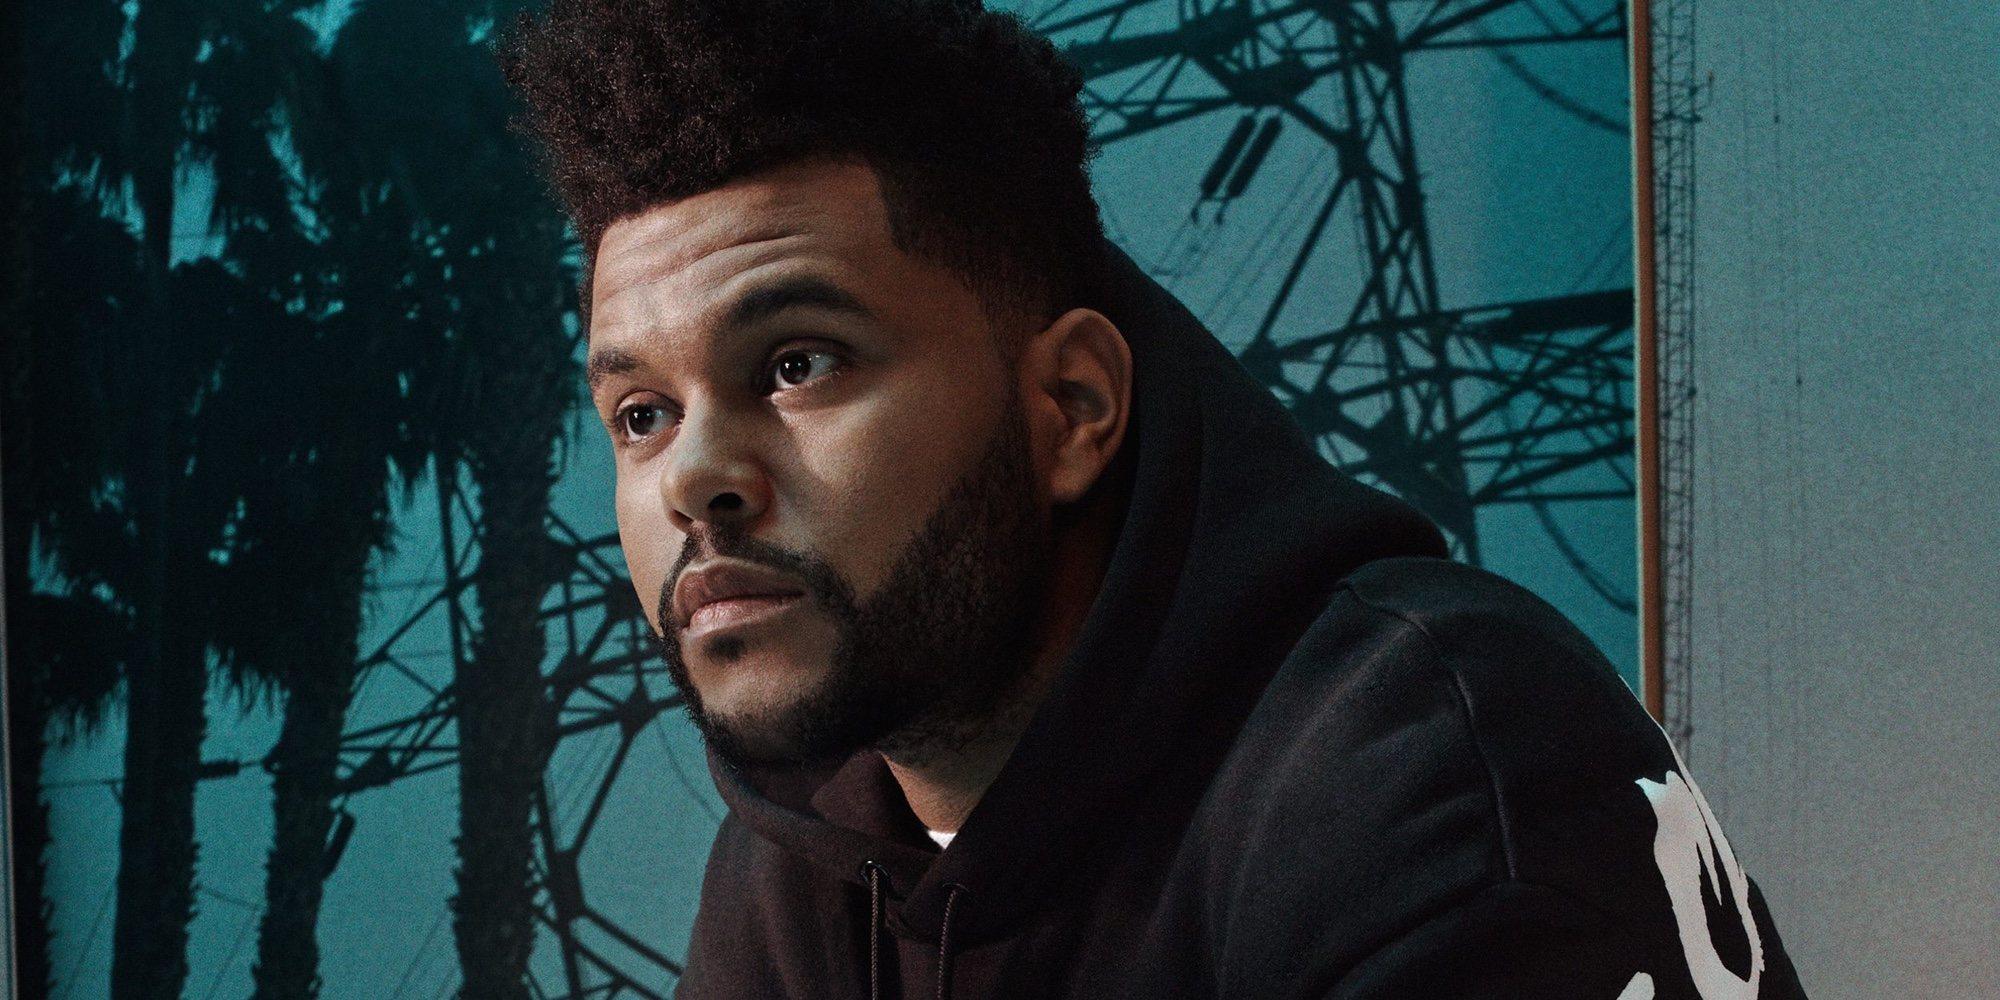 El single de The Weeknd inspirado en su romance con Selena Gomez: ¿cómo será 'Like Selena'?